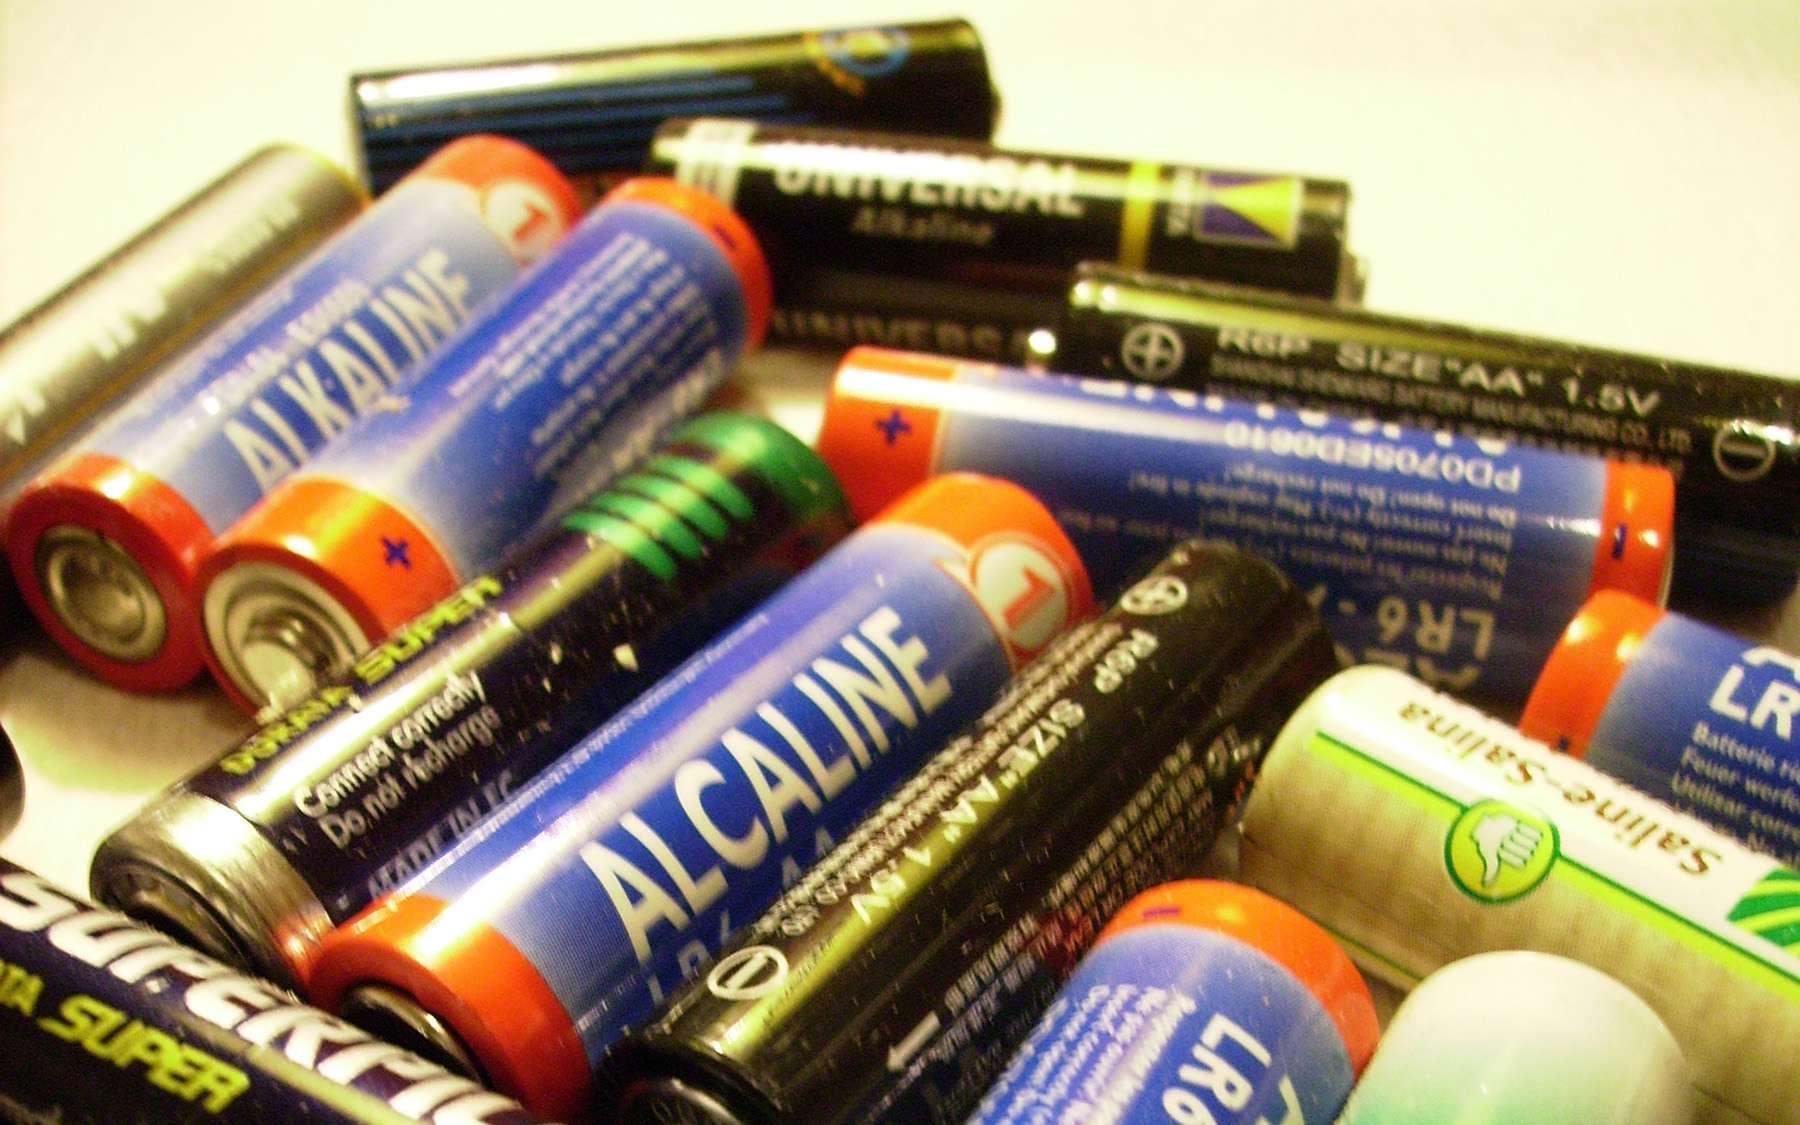 Les piles fonctionnent sur le principe de la cellule électrochimique. © Alipho, Wikipedia, CC by-sa 3.0